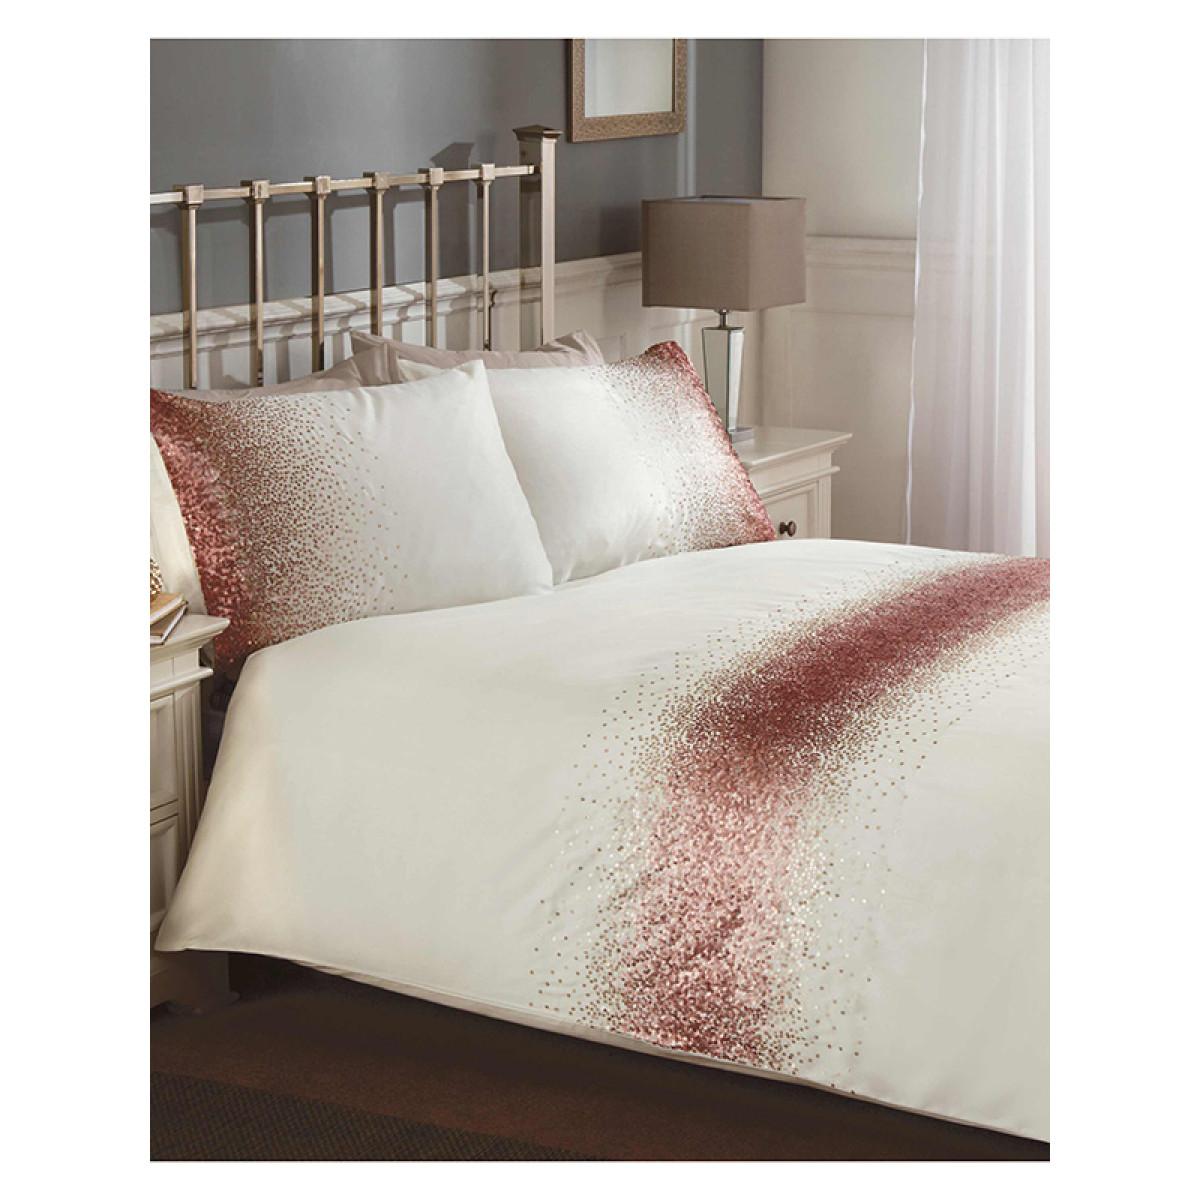 Shimmer Sequin Blush Pink King Size Duvet Cover Set Bedroom